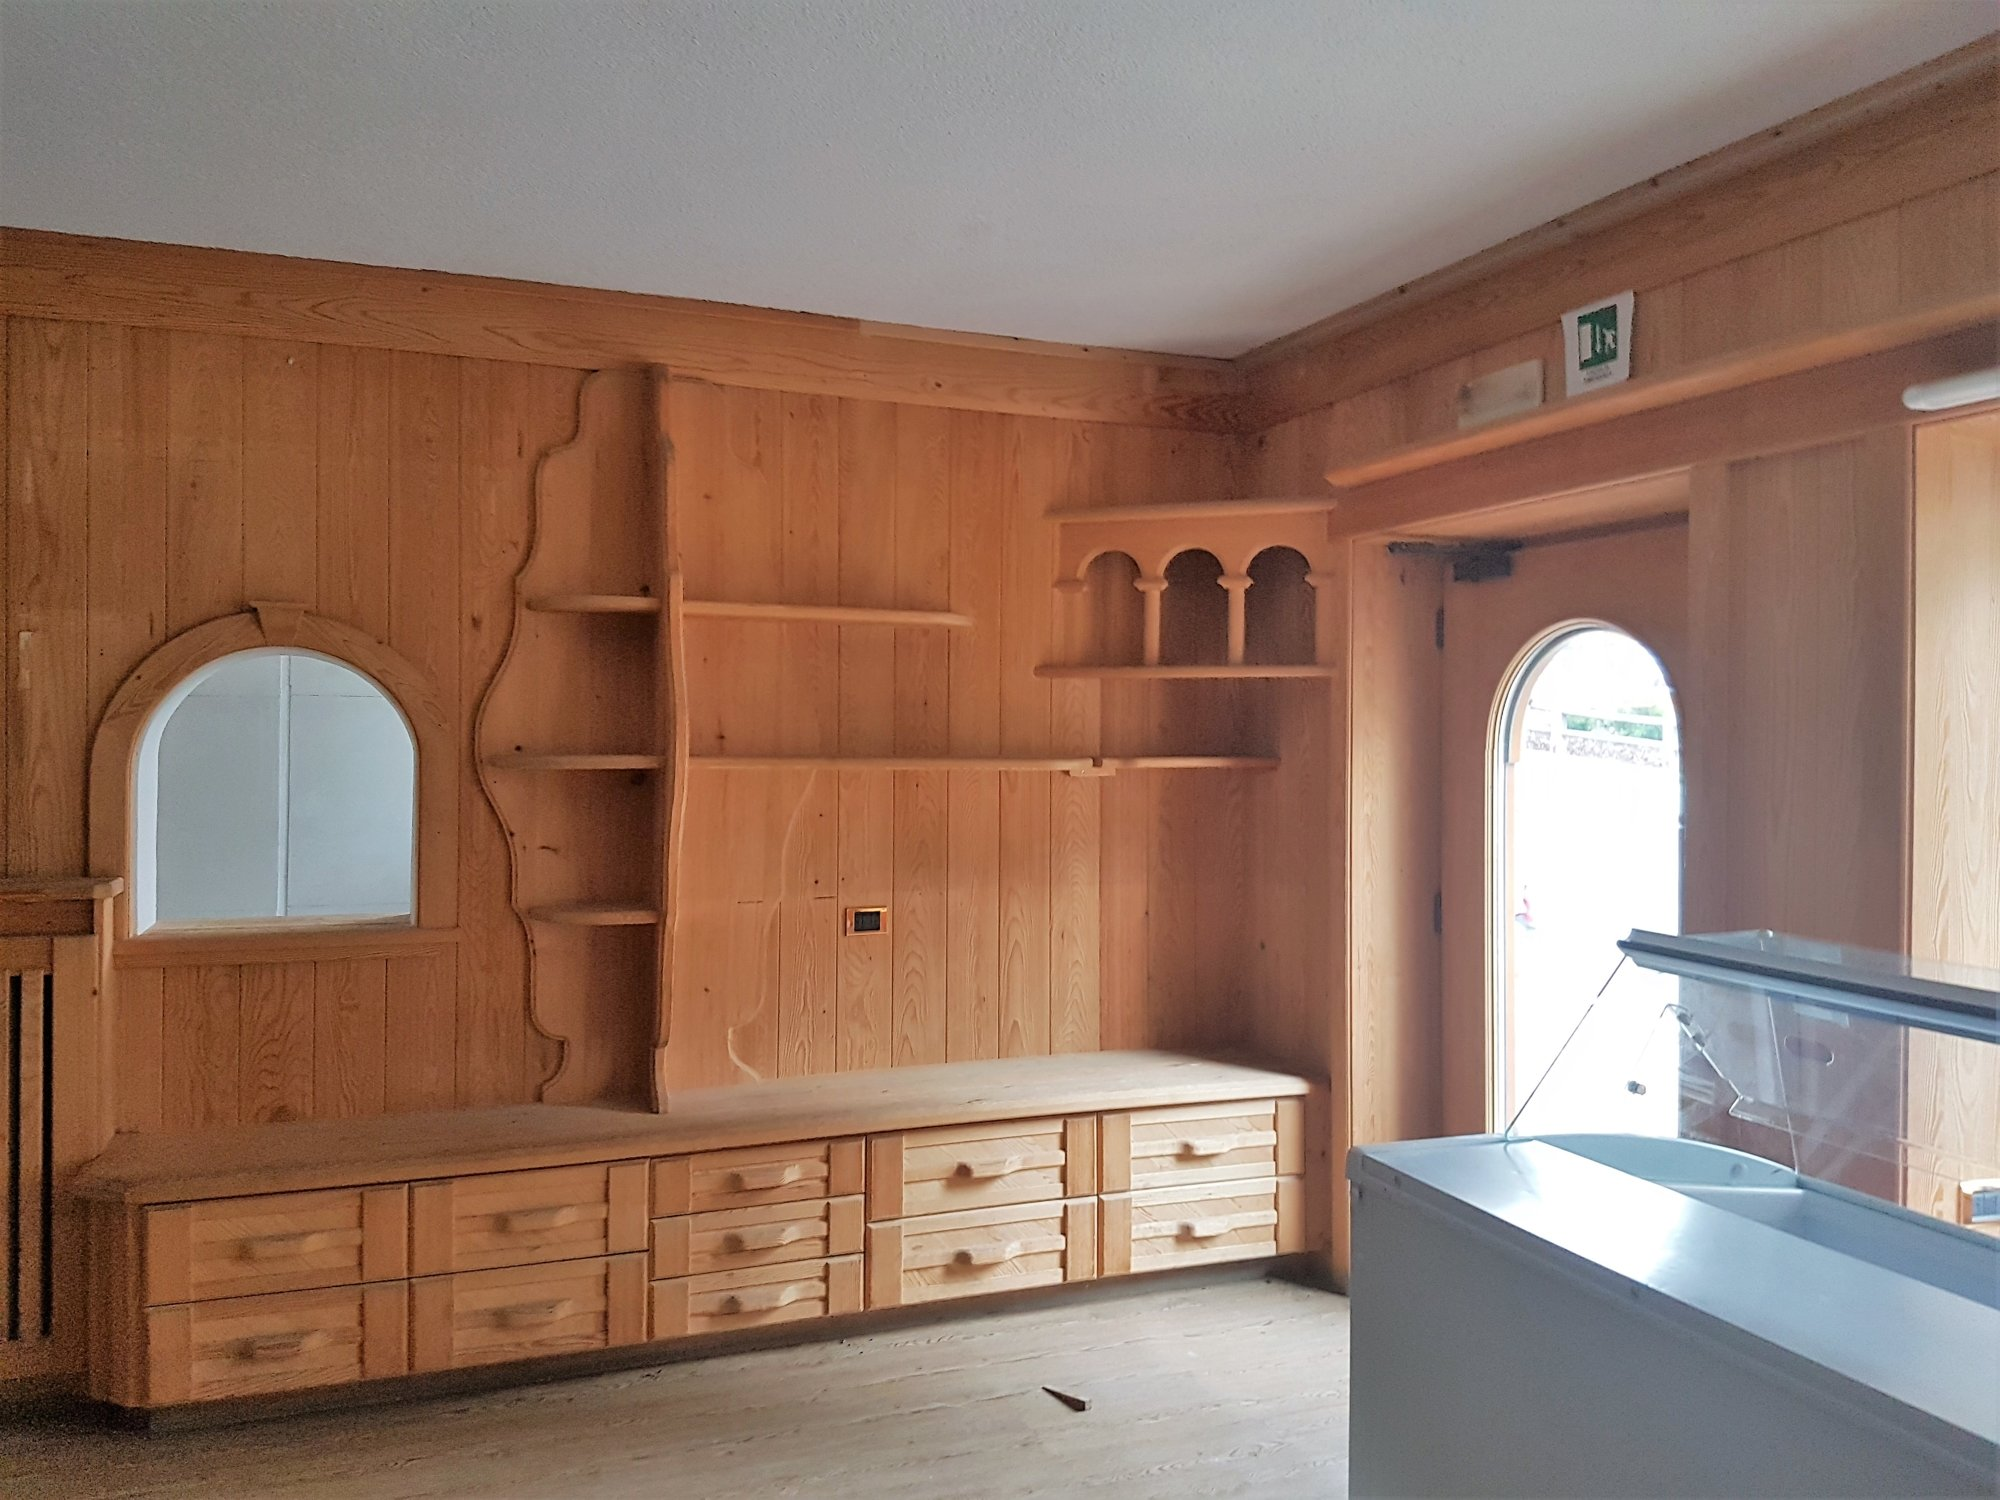 Holzmöbel_arredamento in legno